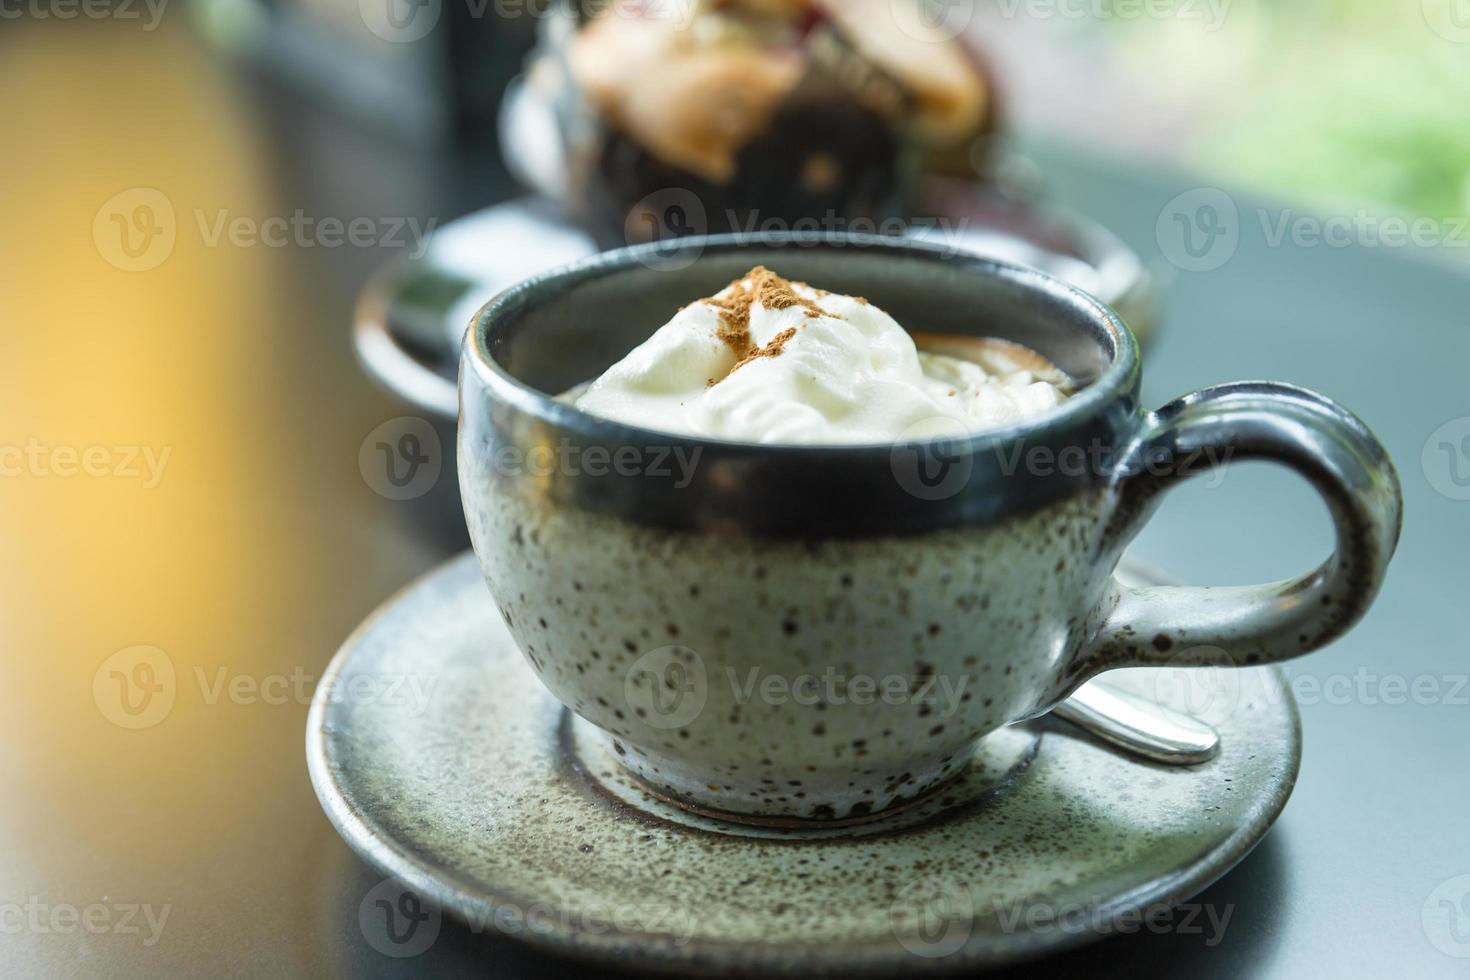 caffè espresso con crema bianca foto